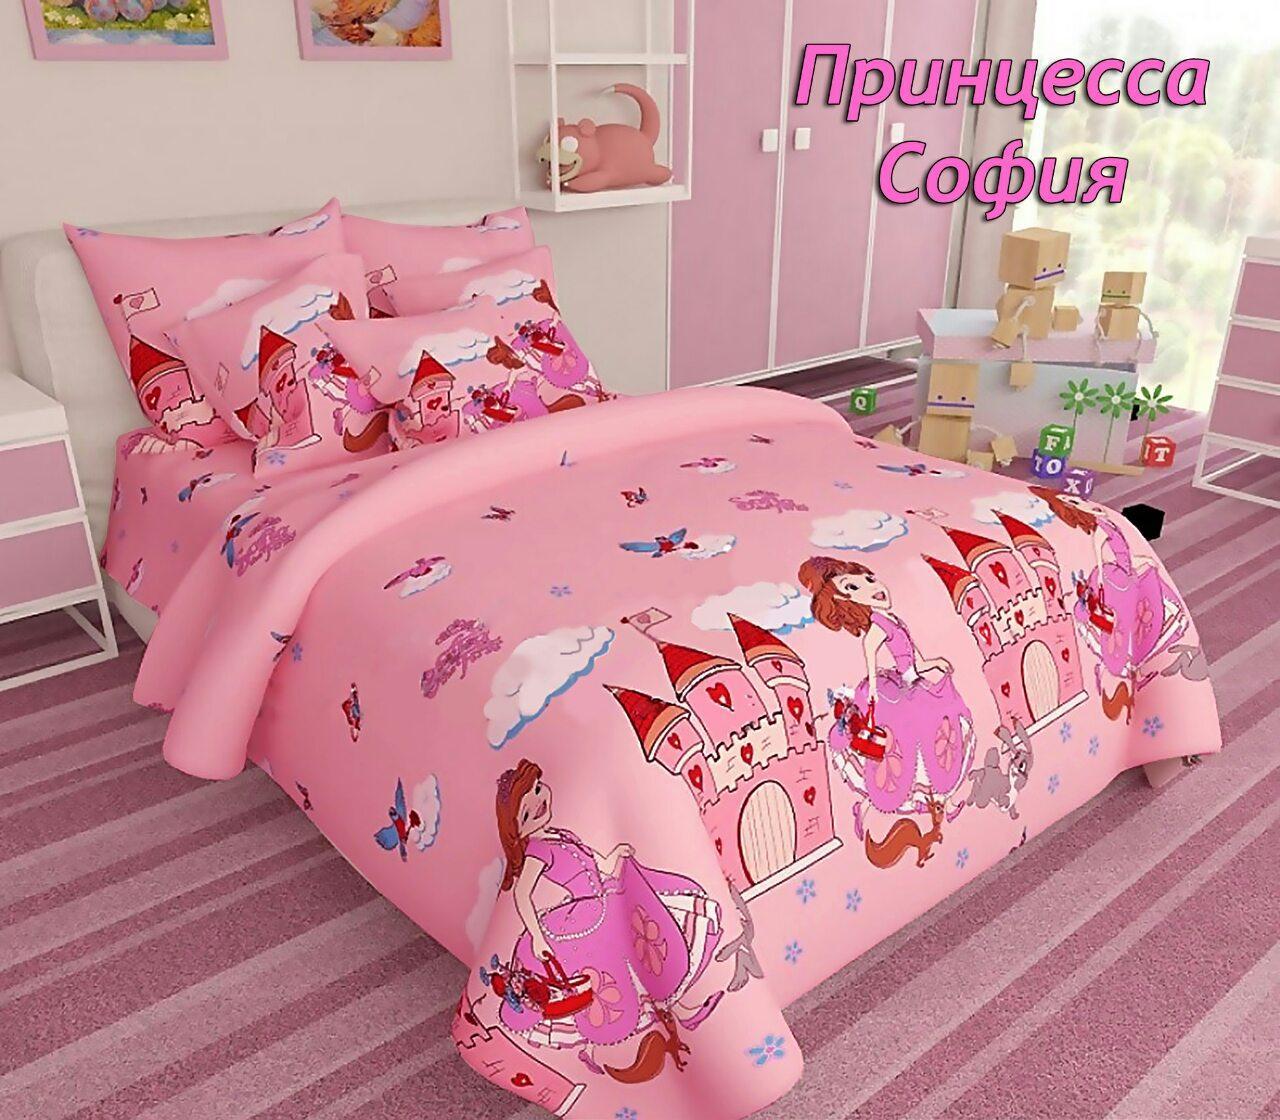 Комплект детского постельного полуторного белья Принцесса София, Бязь Люкс, Тиротекс, розовый